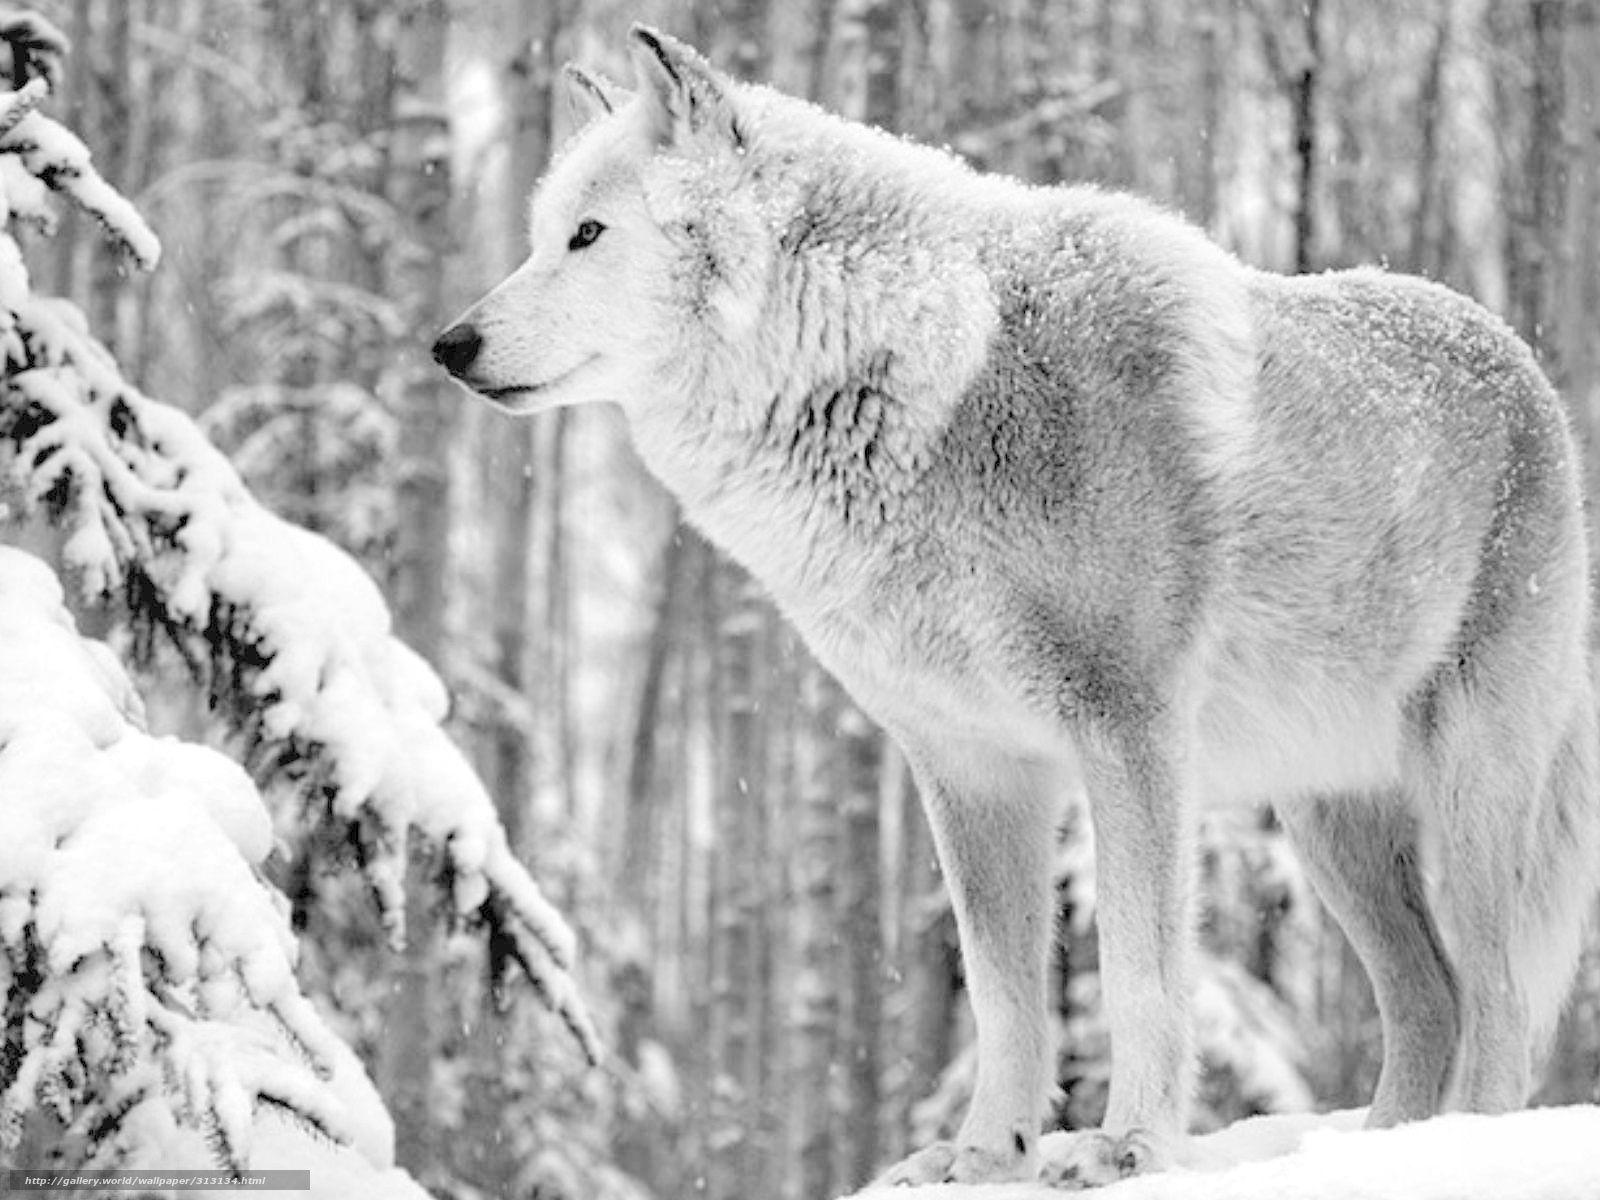 tlcharger fond d 39 ecran animaux loup hiver neige fonds d 39 ecran gratuits pour votre rsolution. Black Bedroom Furniture Sets. Home Design Ideas